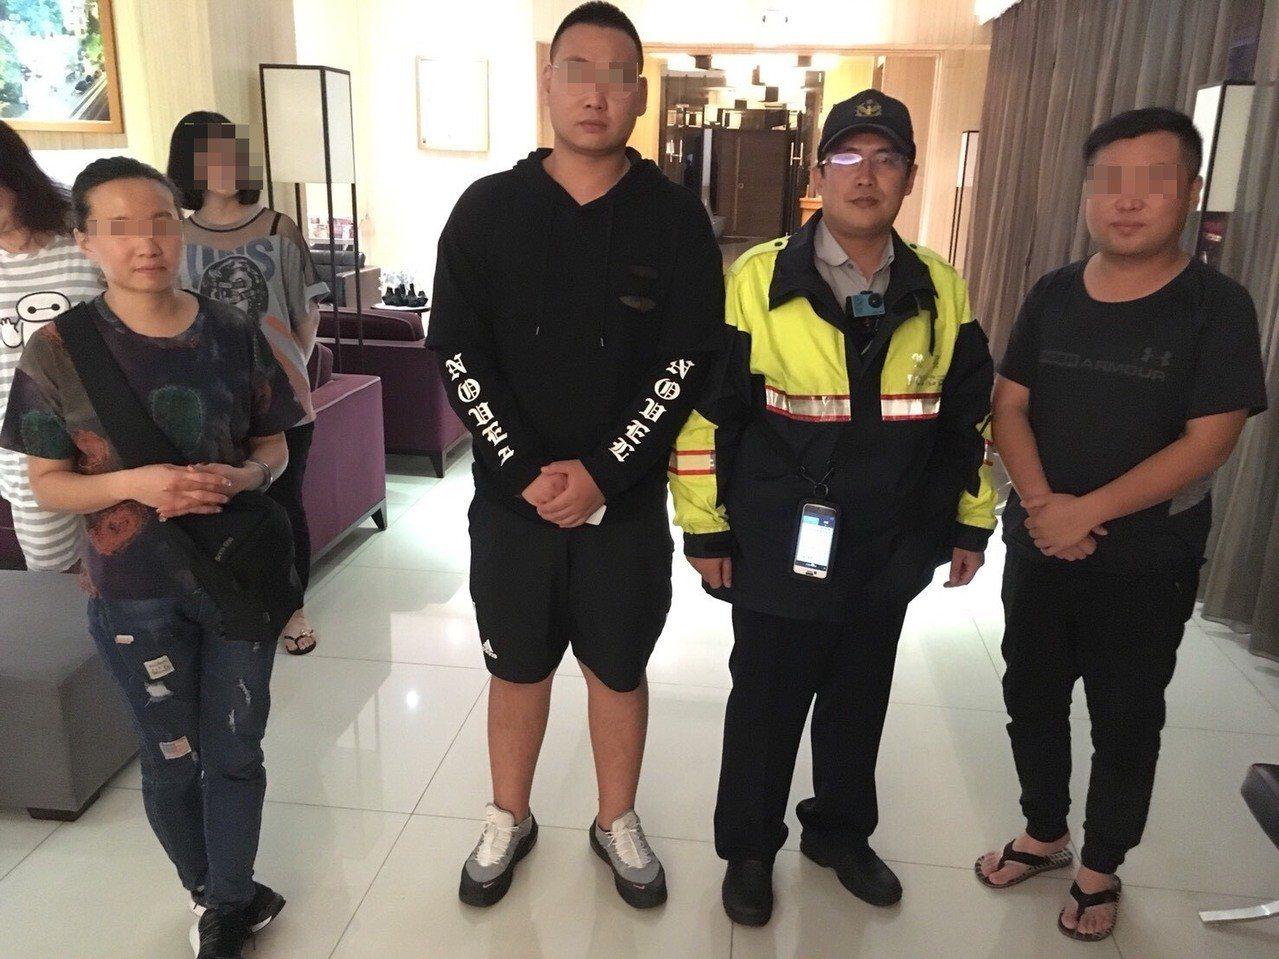 大陸夫妻來台旅遊遺失皮包,台中警方通知他們領回皮包。記者游振昇/翻攝